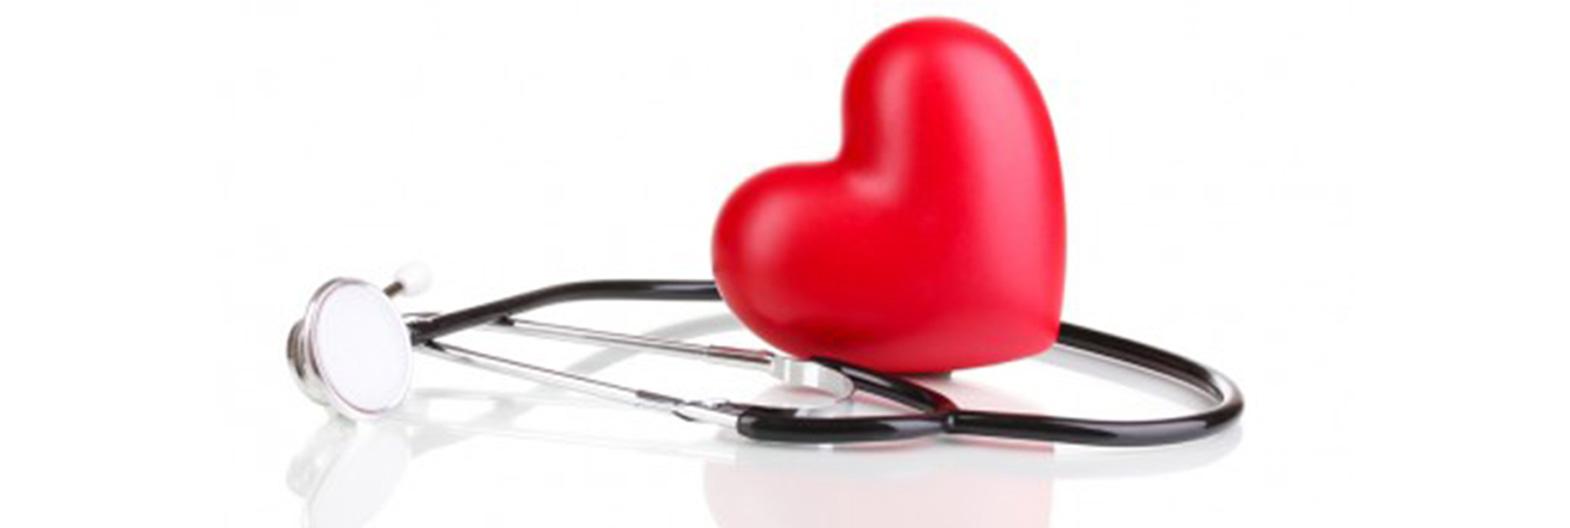 hipertenzija, kas yra šis žodis